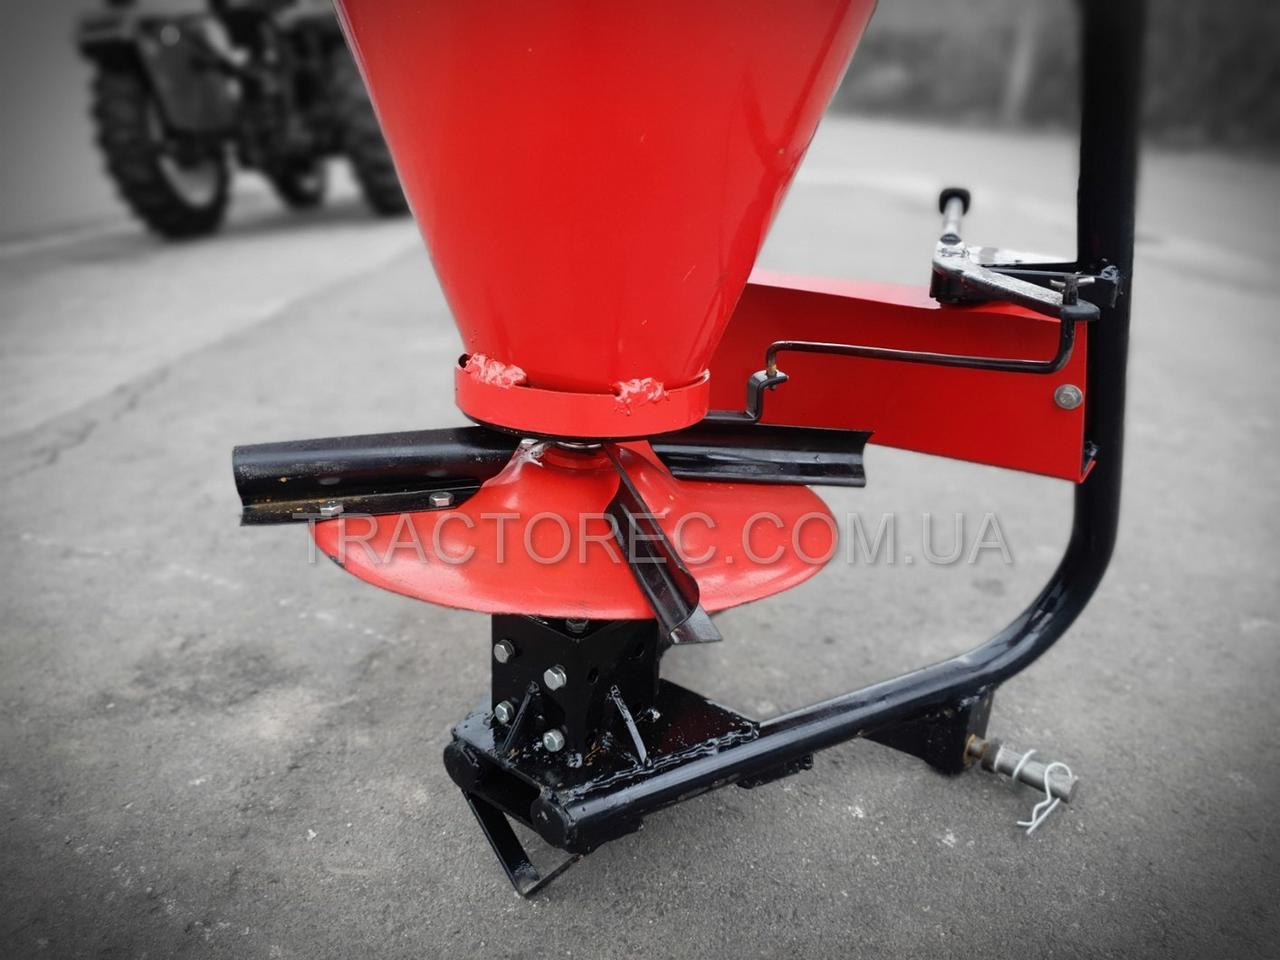 Разбрасыватель минеральных удобрений объемом 100л на трехточковое крепления трактора. РУМ-100 Шип